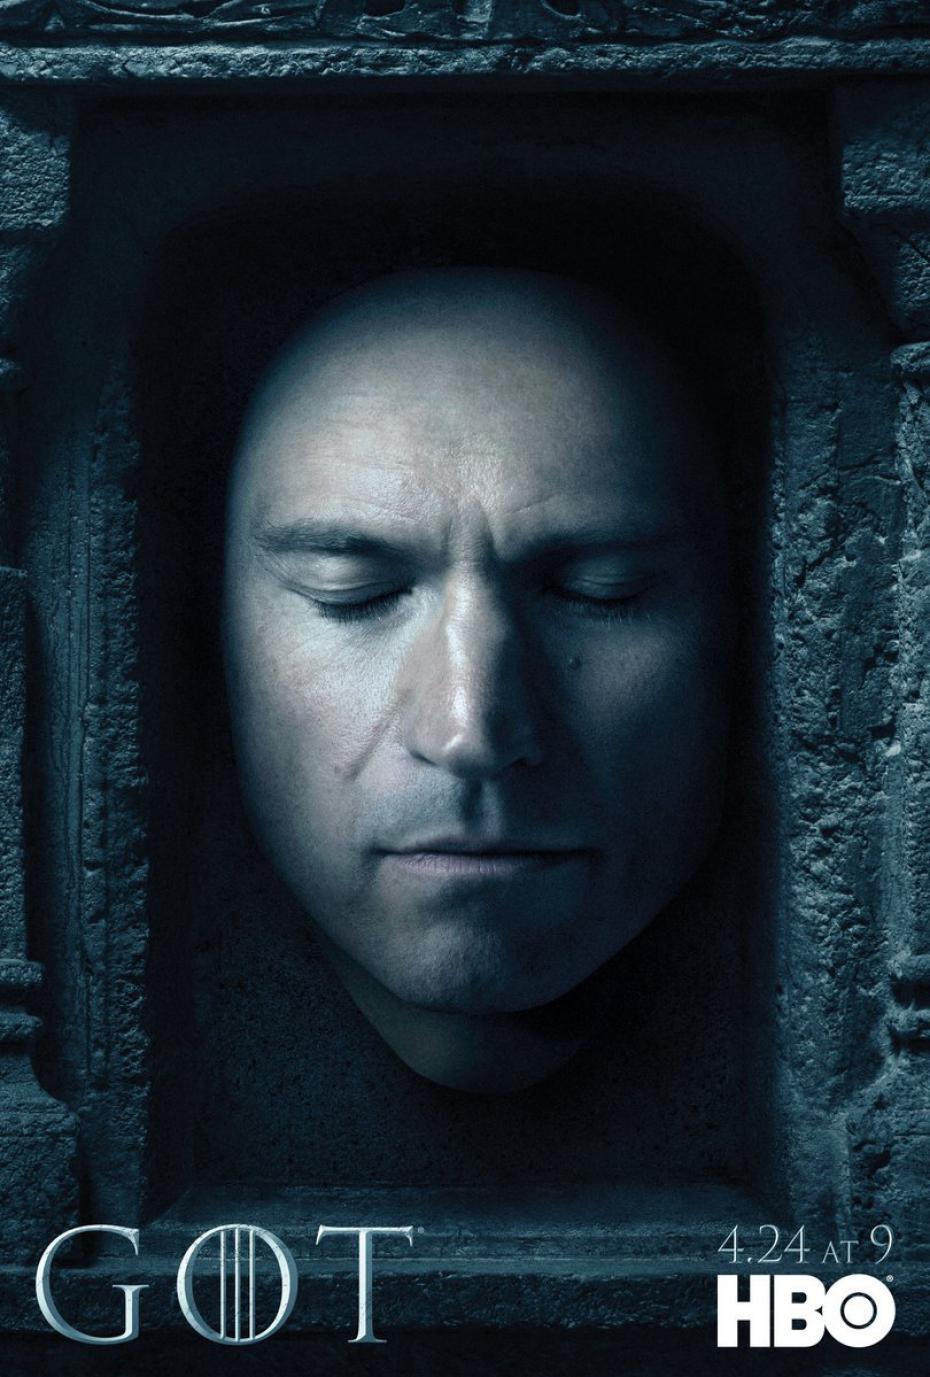 دانلود قسمت 08 فصل 06 سریال Game Of Thrones